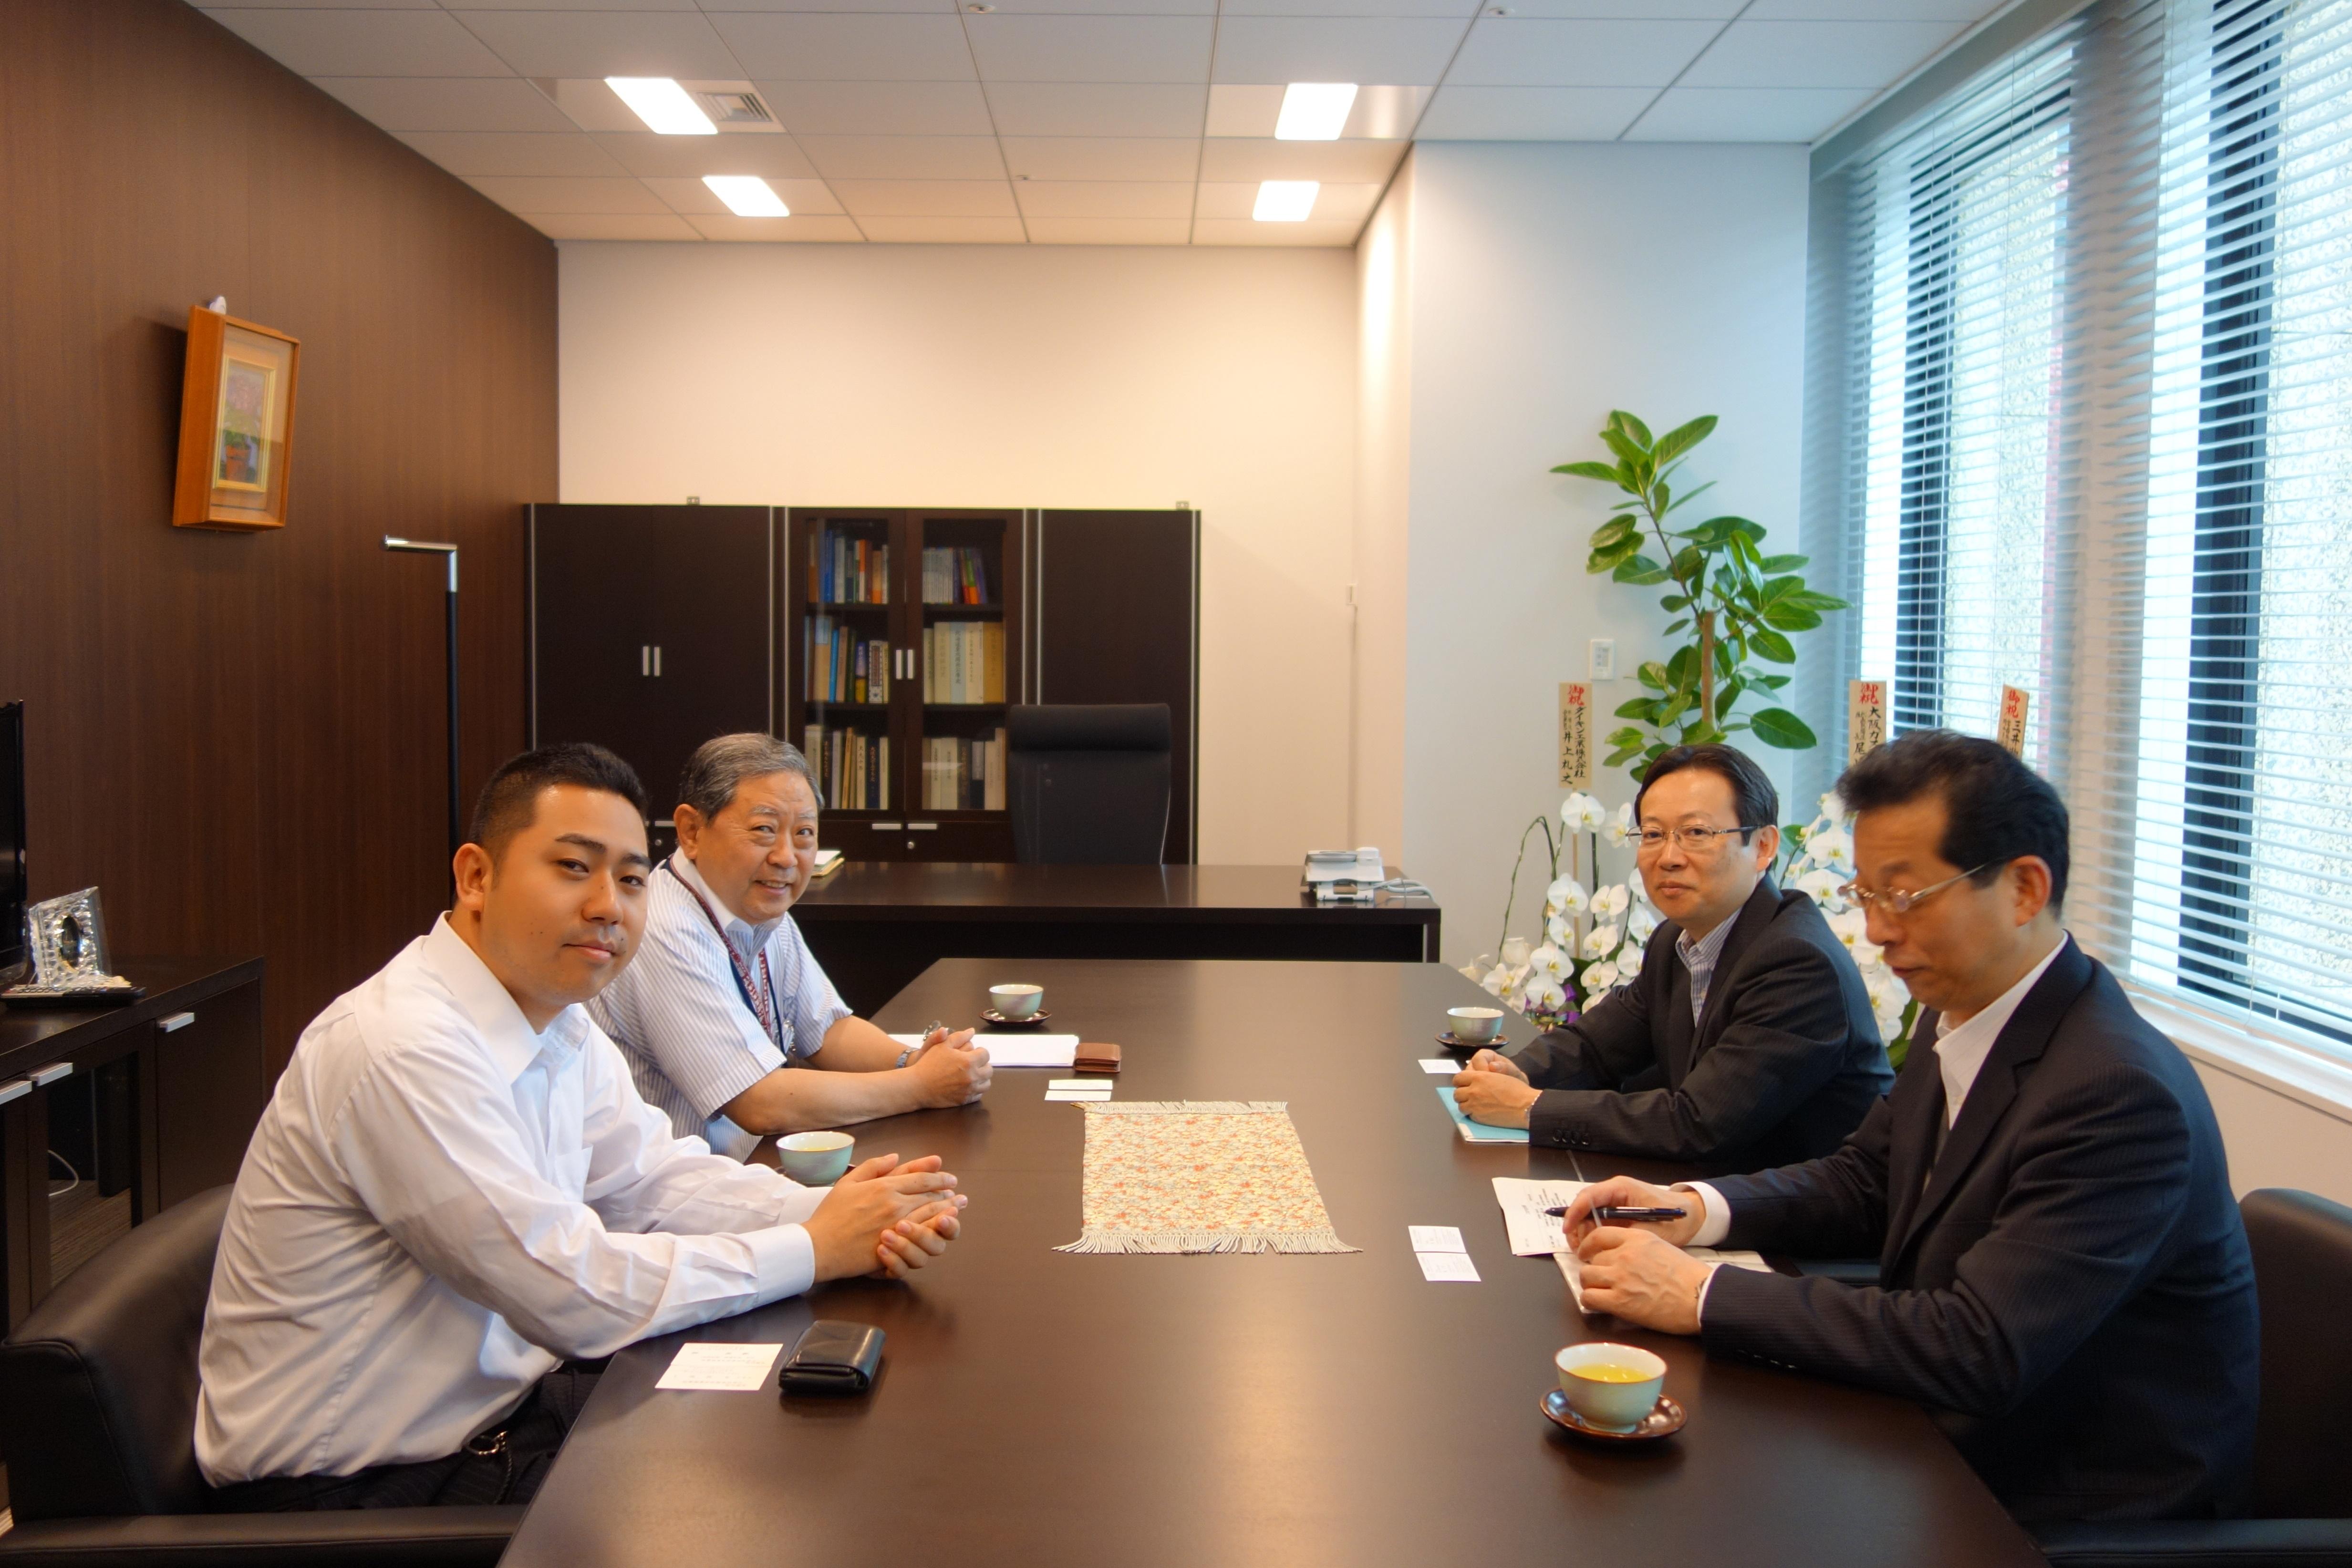 林研究統括が内閣府行政改革関係組織検討準備室と意見交換